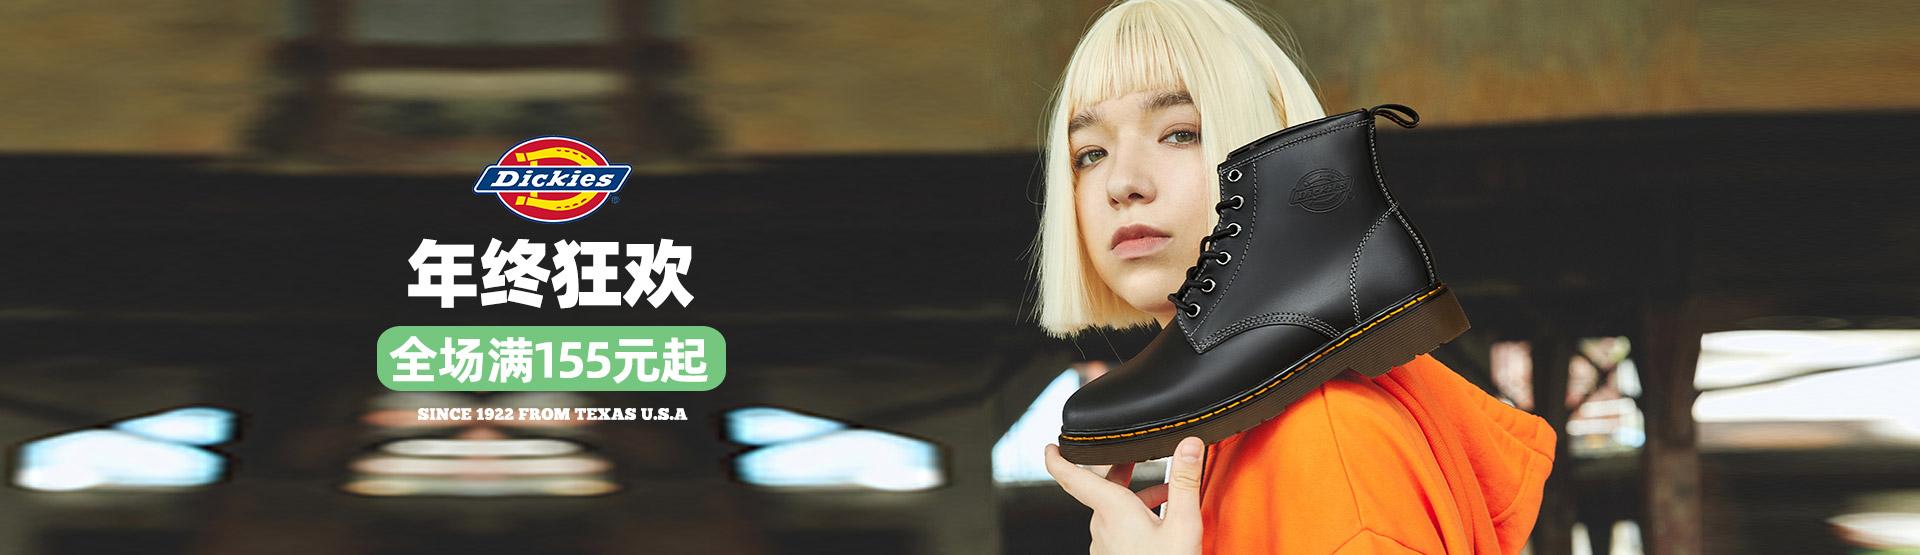 苏宁易购   dickies男女鞋 双12特惠 全场满399减200+叠加9折券